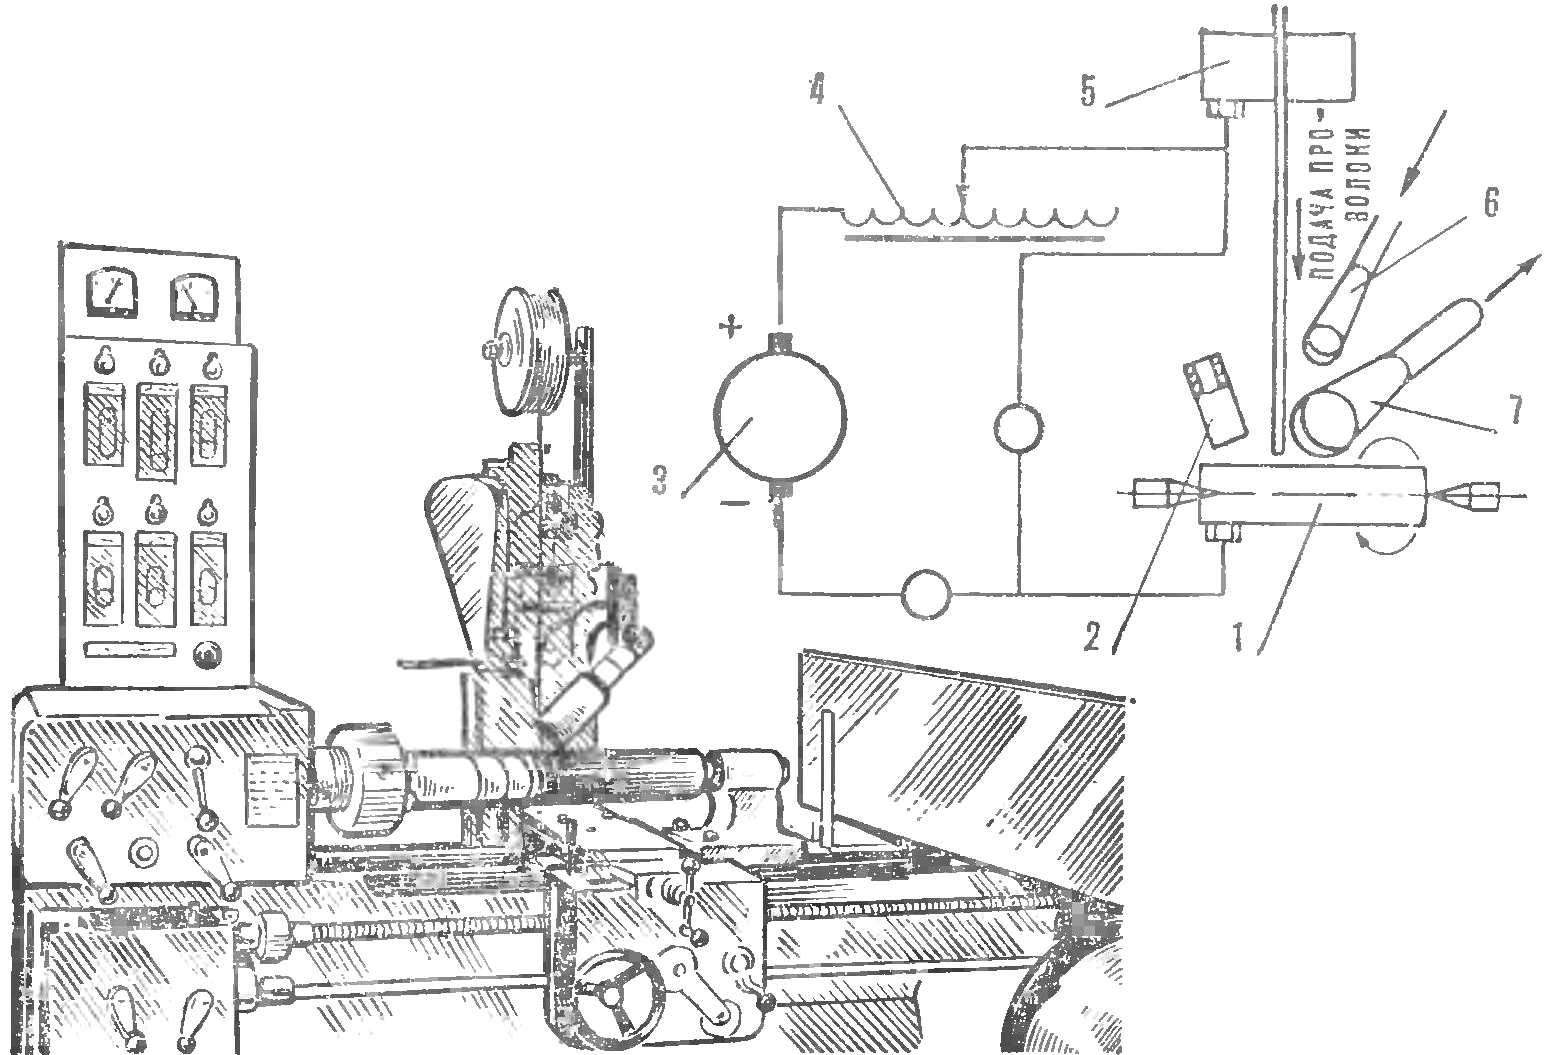 Рис. 1. Установка для наплавки металла и ее схема